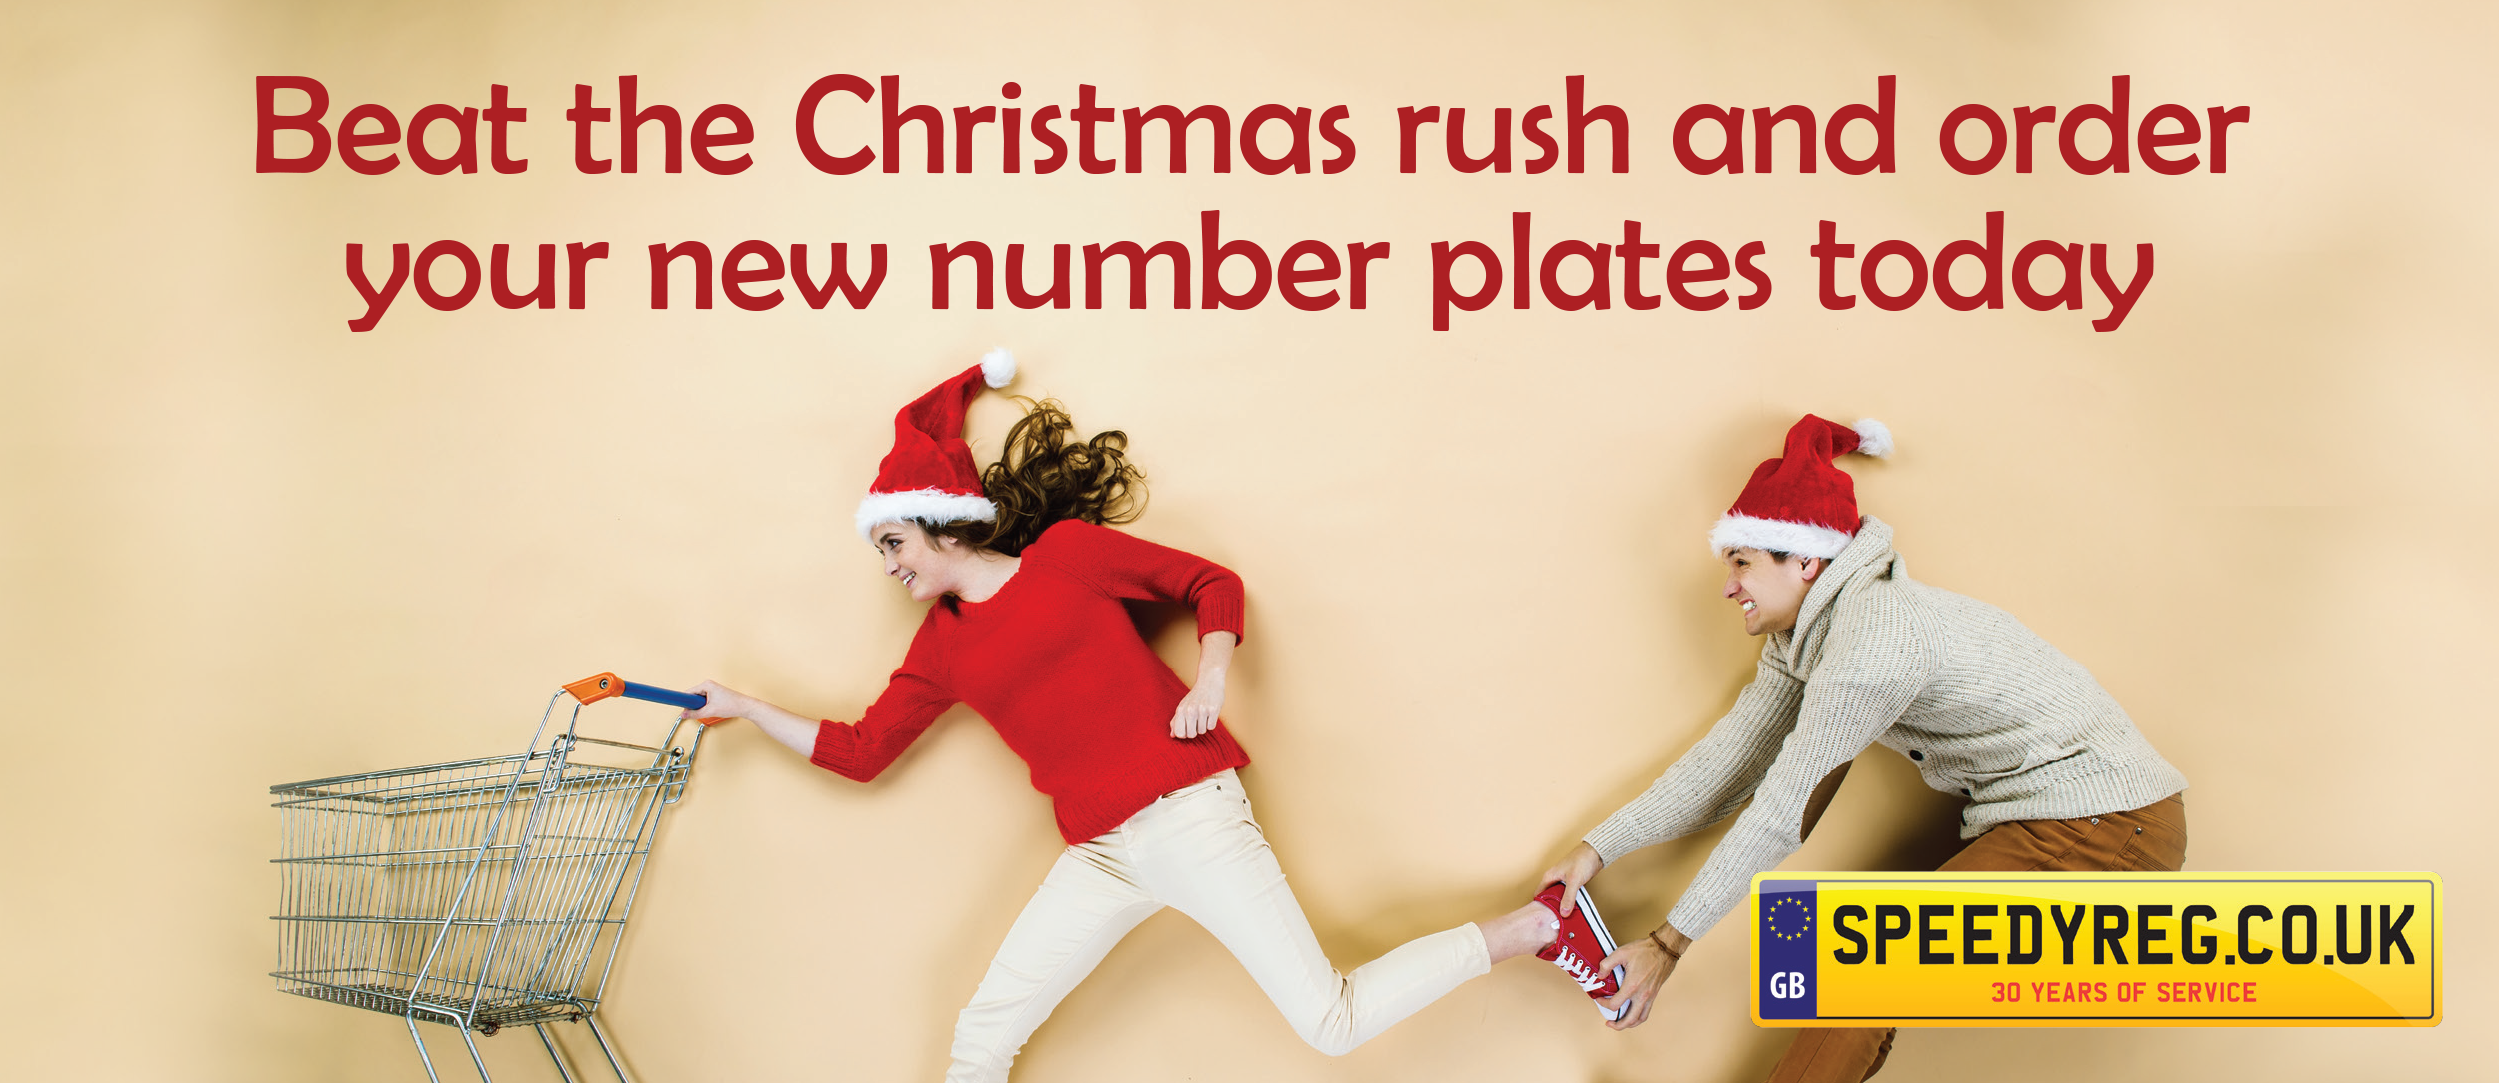 1-beat-the-christmas-rush